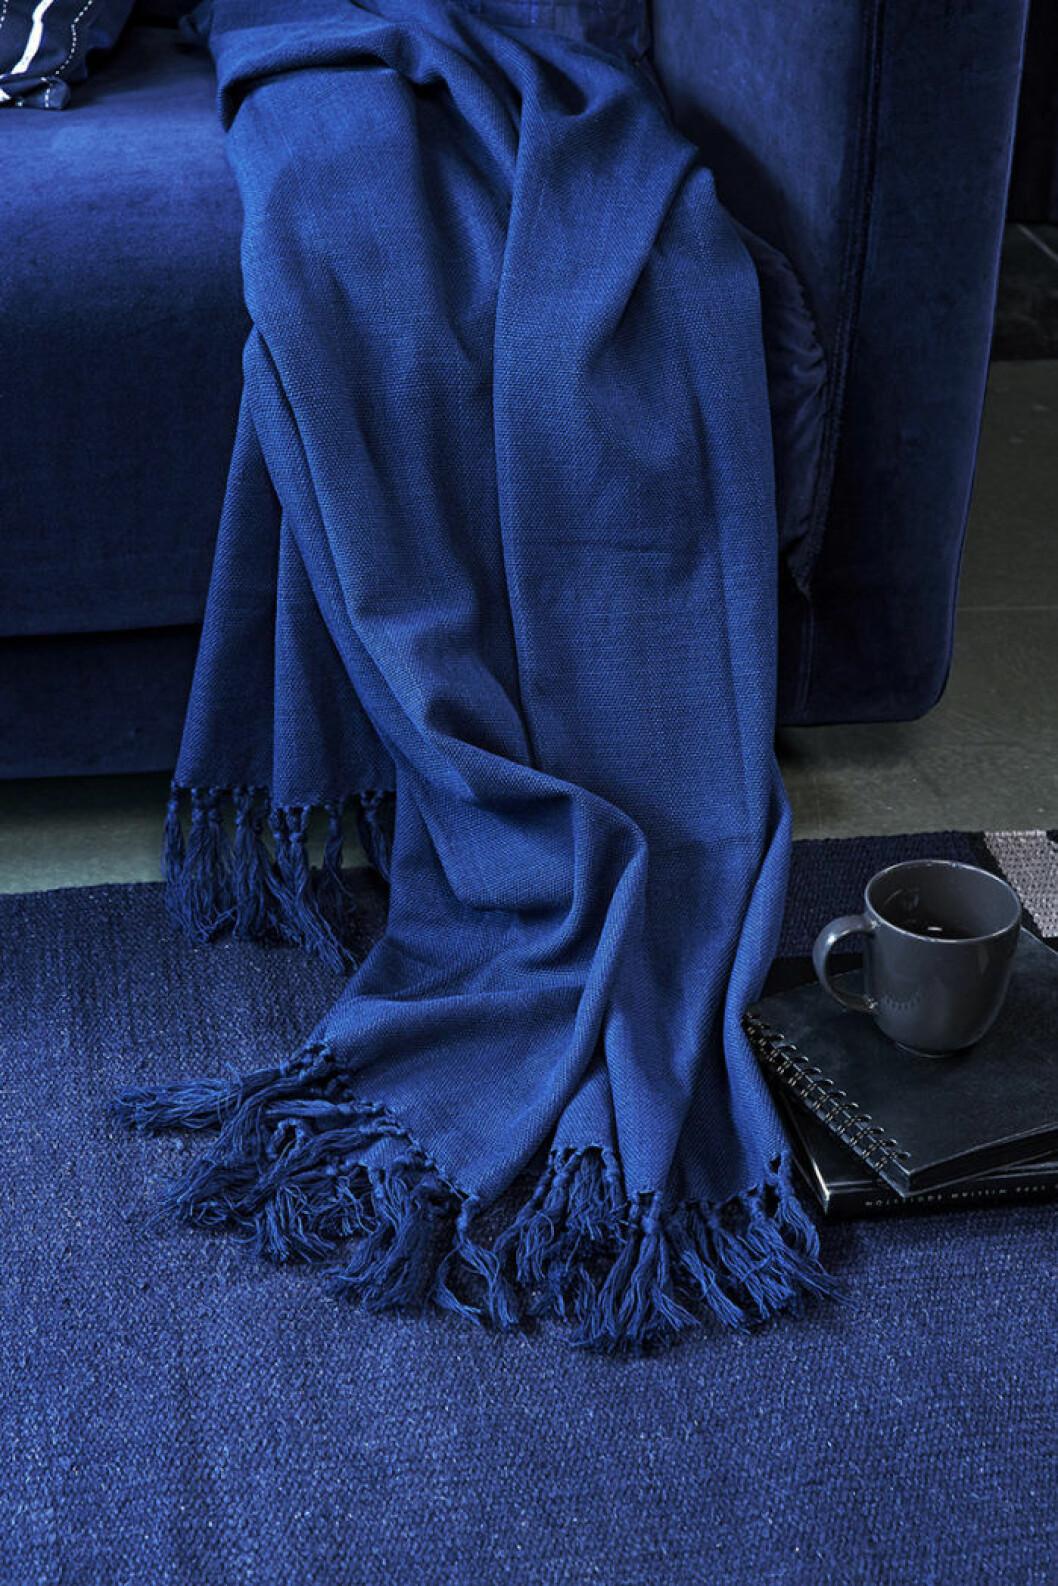 Blå filt från IKEAs nya kollektion Innehållsrik.